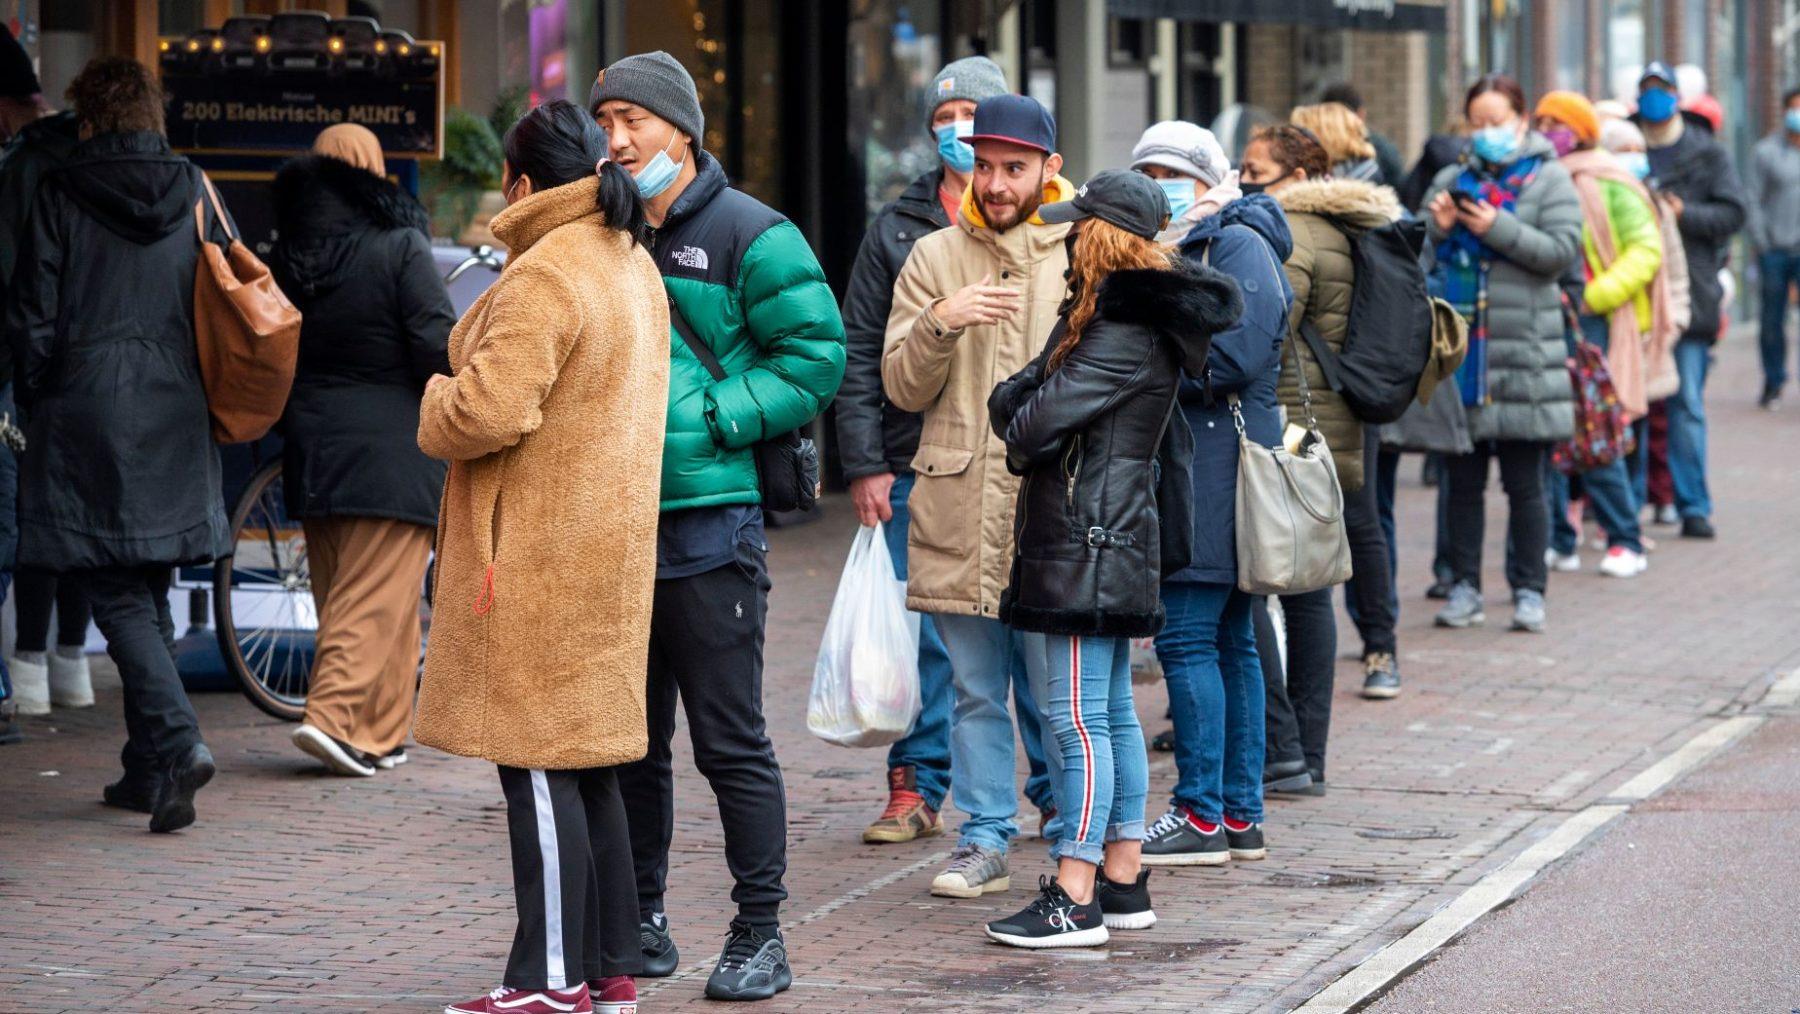 Sluiting winkels vanwege corona zorgt voor drukte en meterslange rijen in winkelstraten